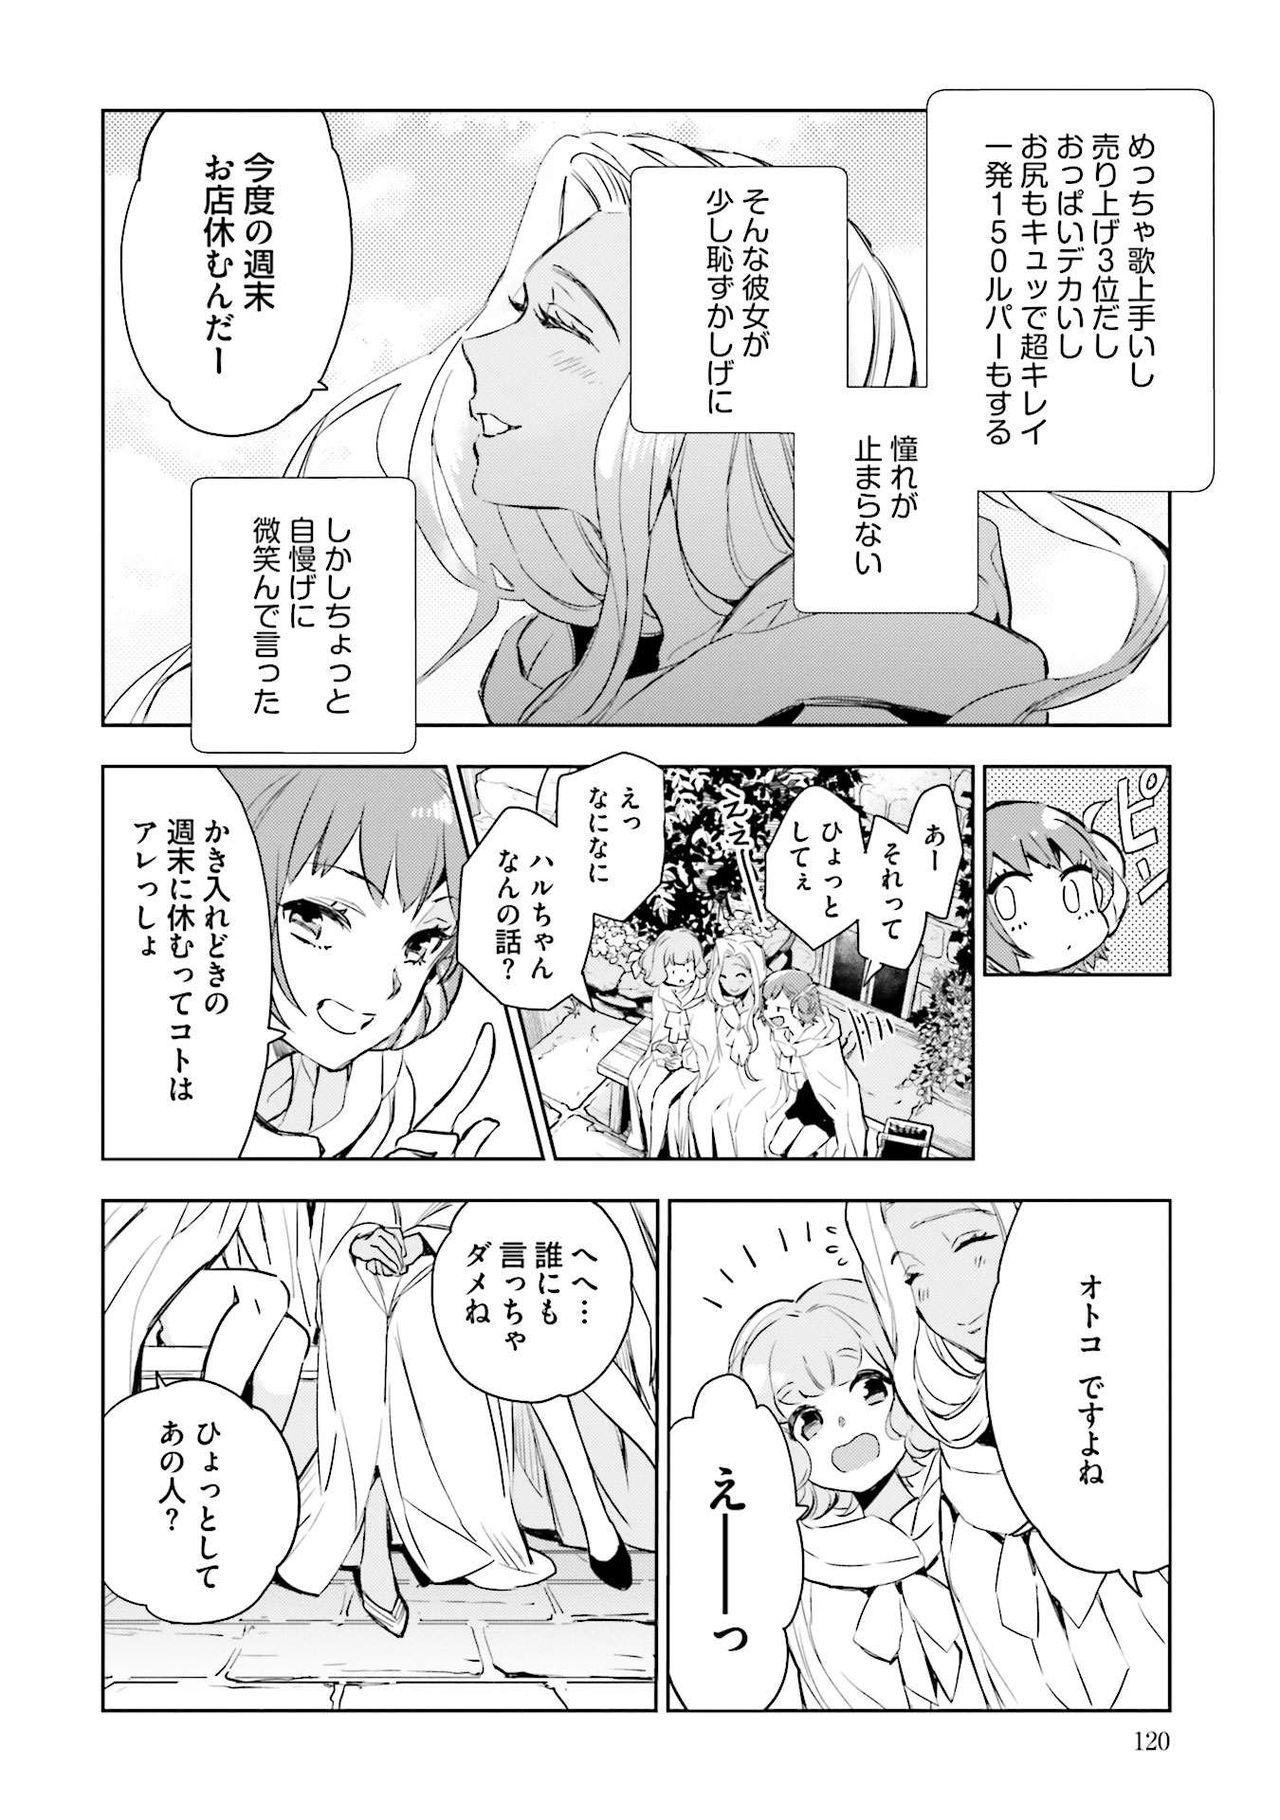 JK Haru wa Isekai de Shoufu ni Natta 1-14 121